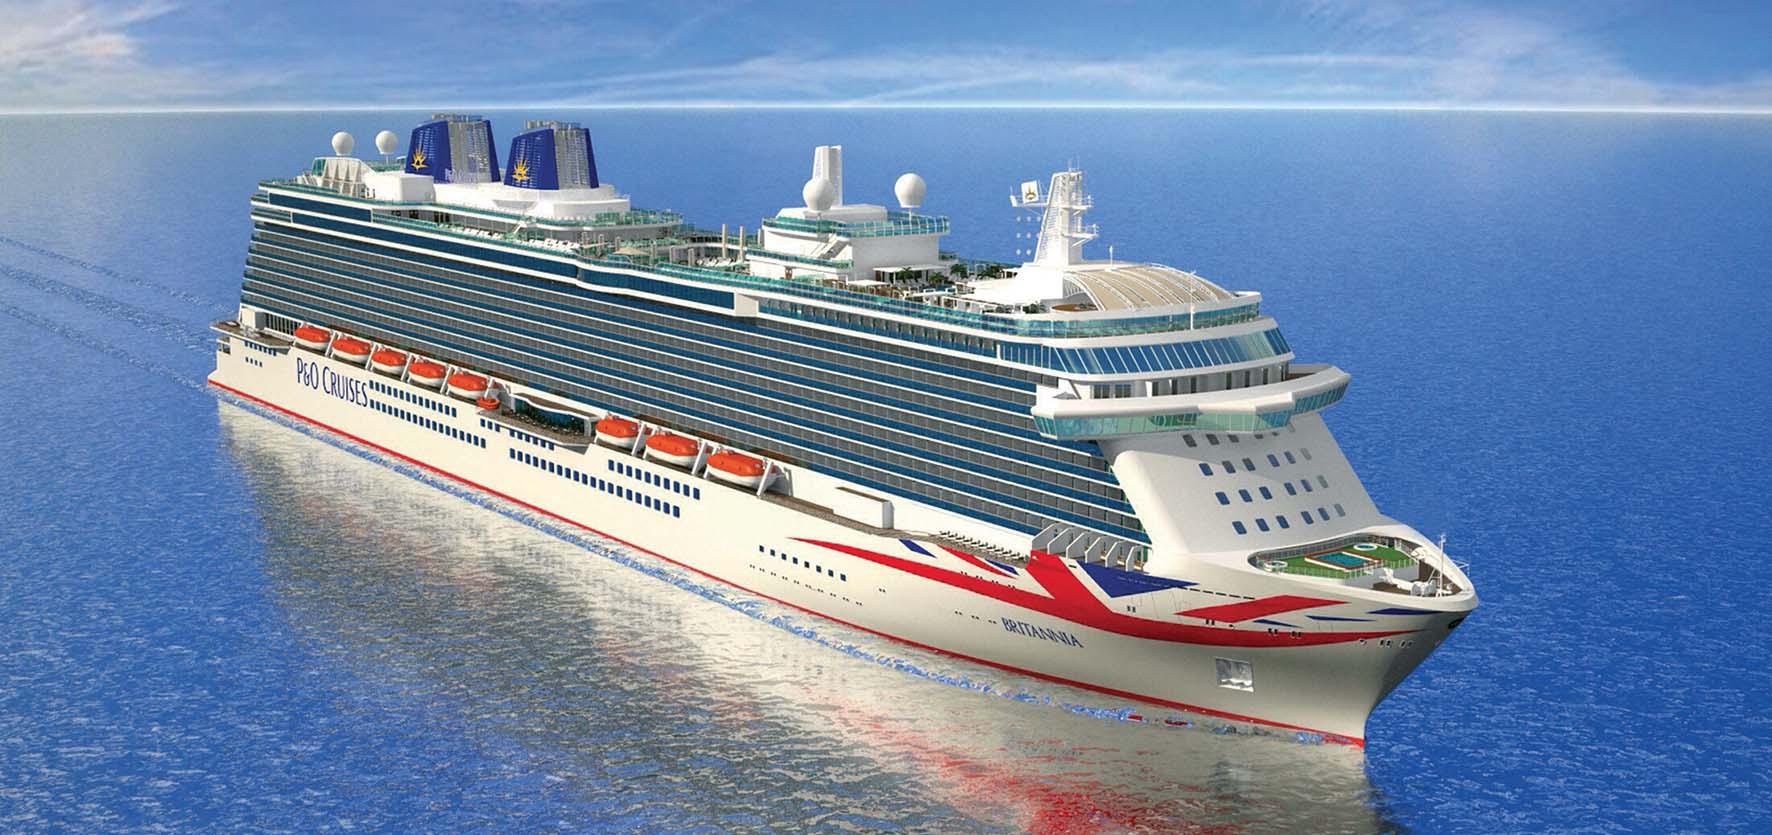 PO nave crociera Britannia cantieri fincantieri monfalcone 1